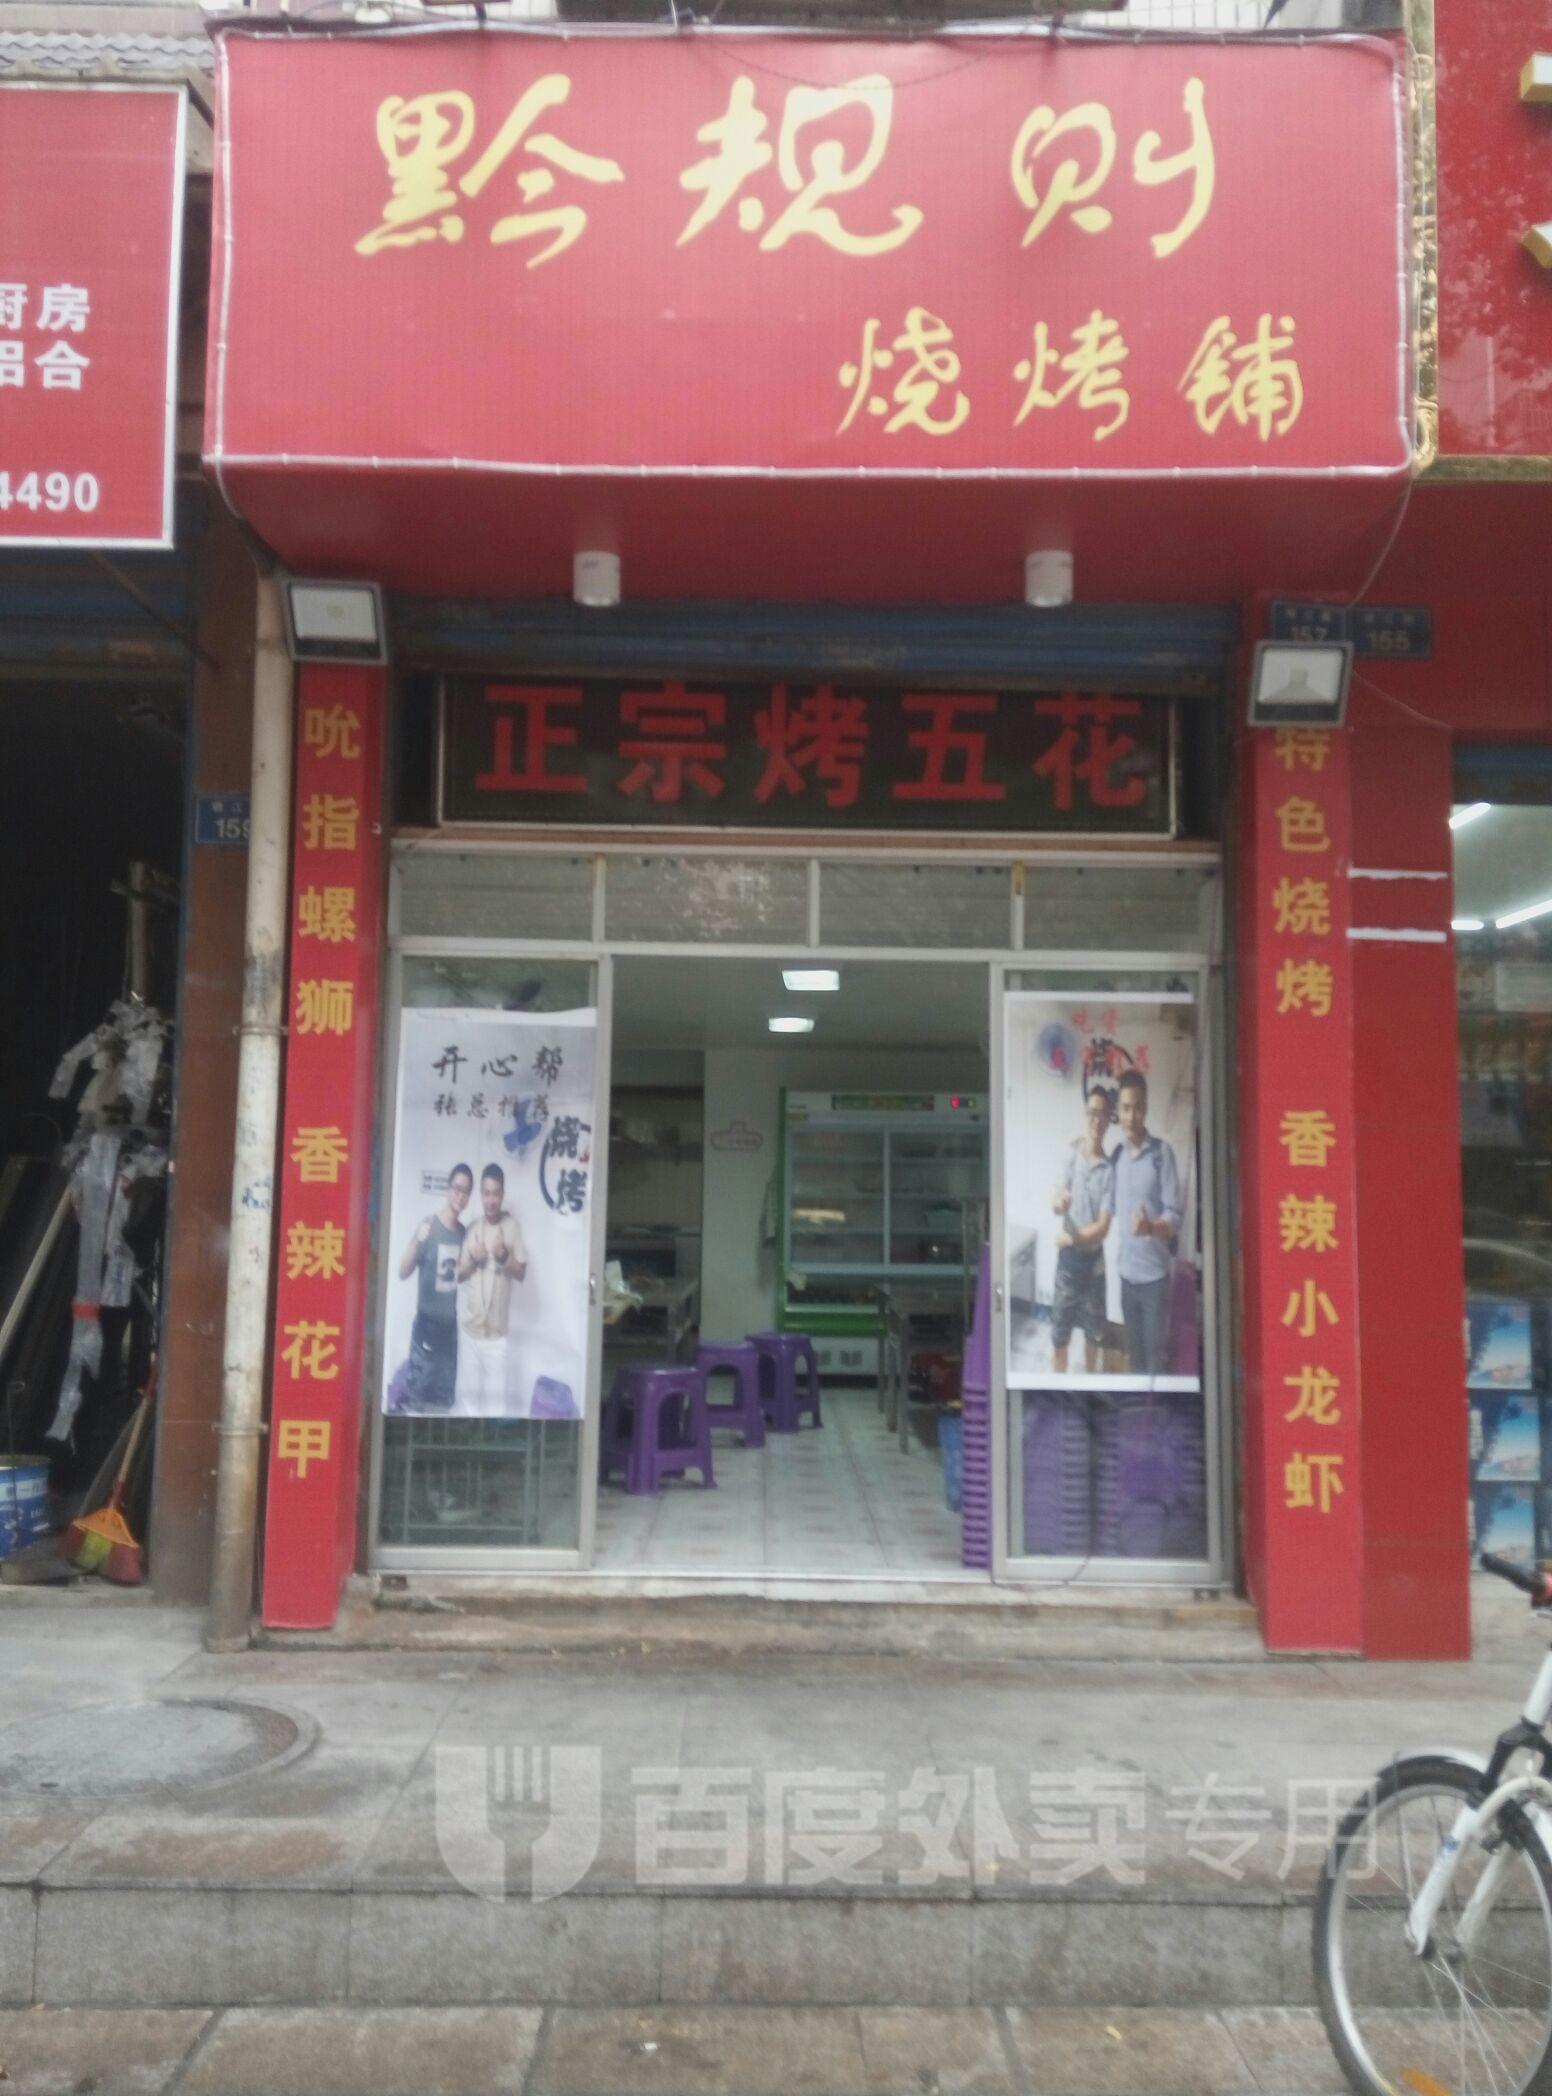 那我告诉您,贵州电视台《开心帮》的张总都在本店吃呢.负责让您满意.